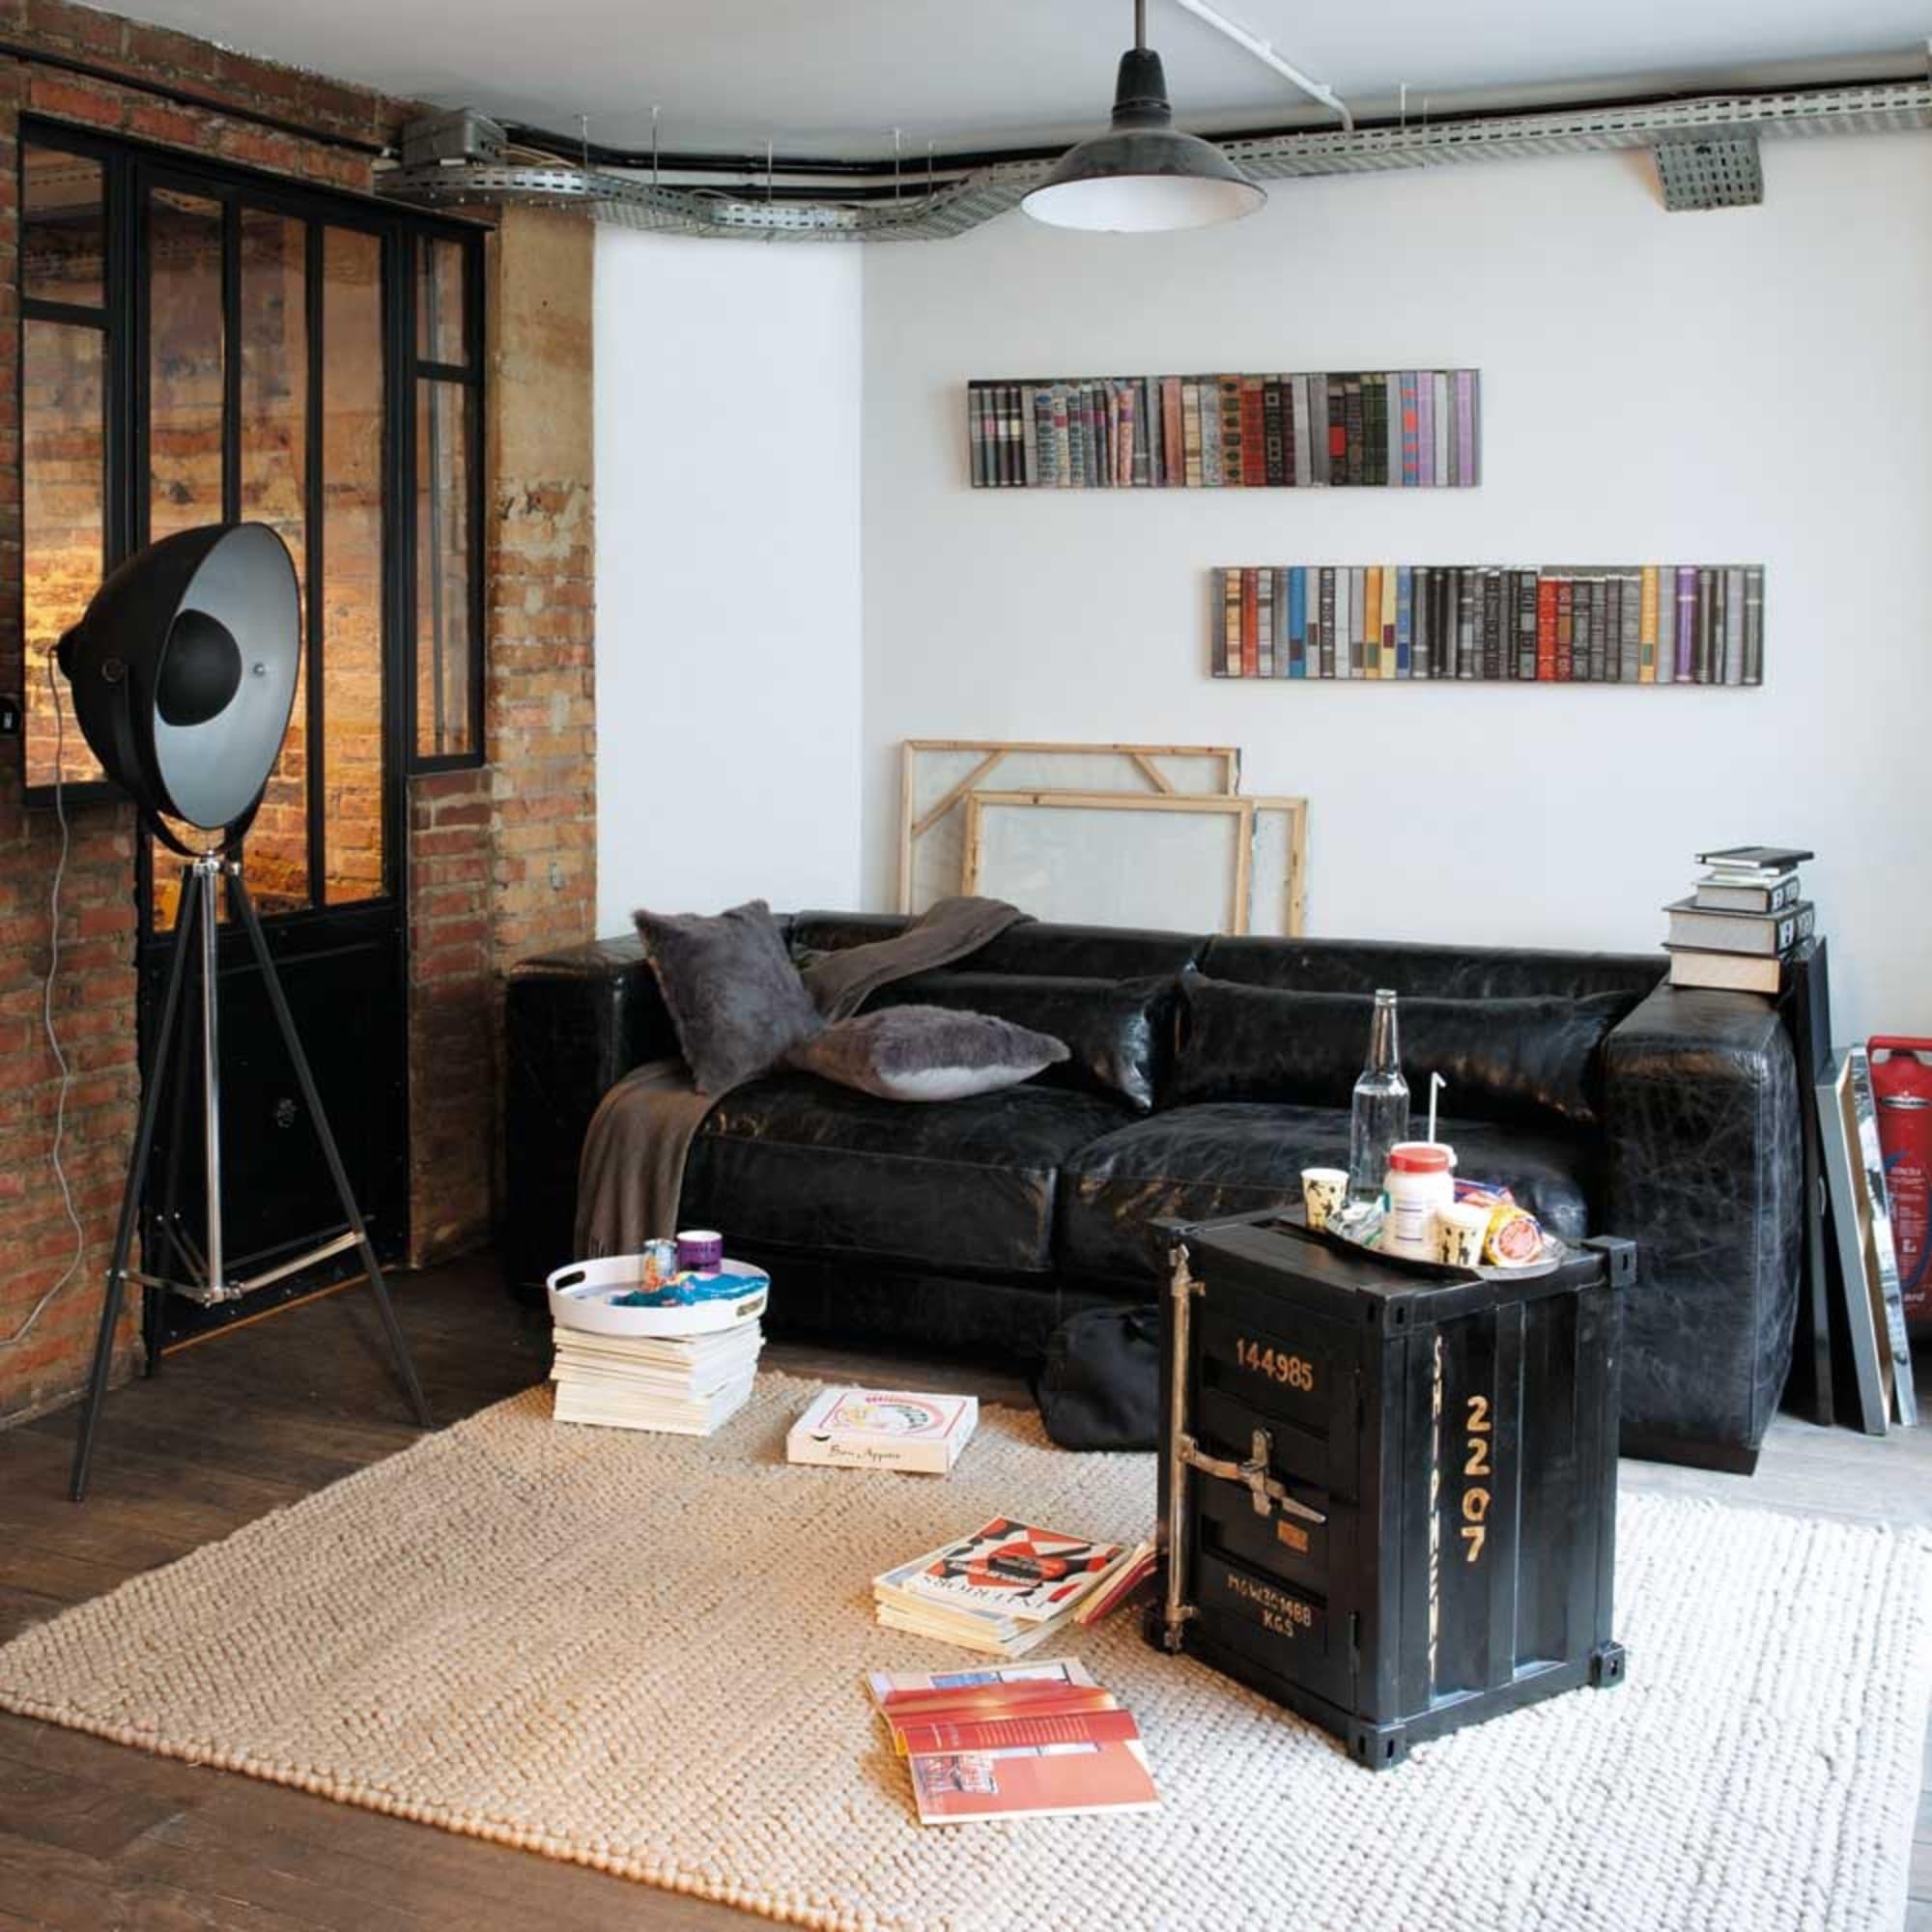 Phera là mẫu đèn sàn phù hợp với các không gian mang hơi hướng hiện đại và thêm một chút steampunk bí ẩn